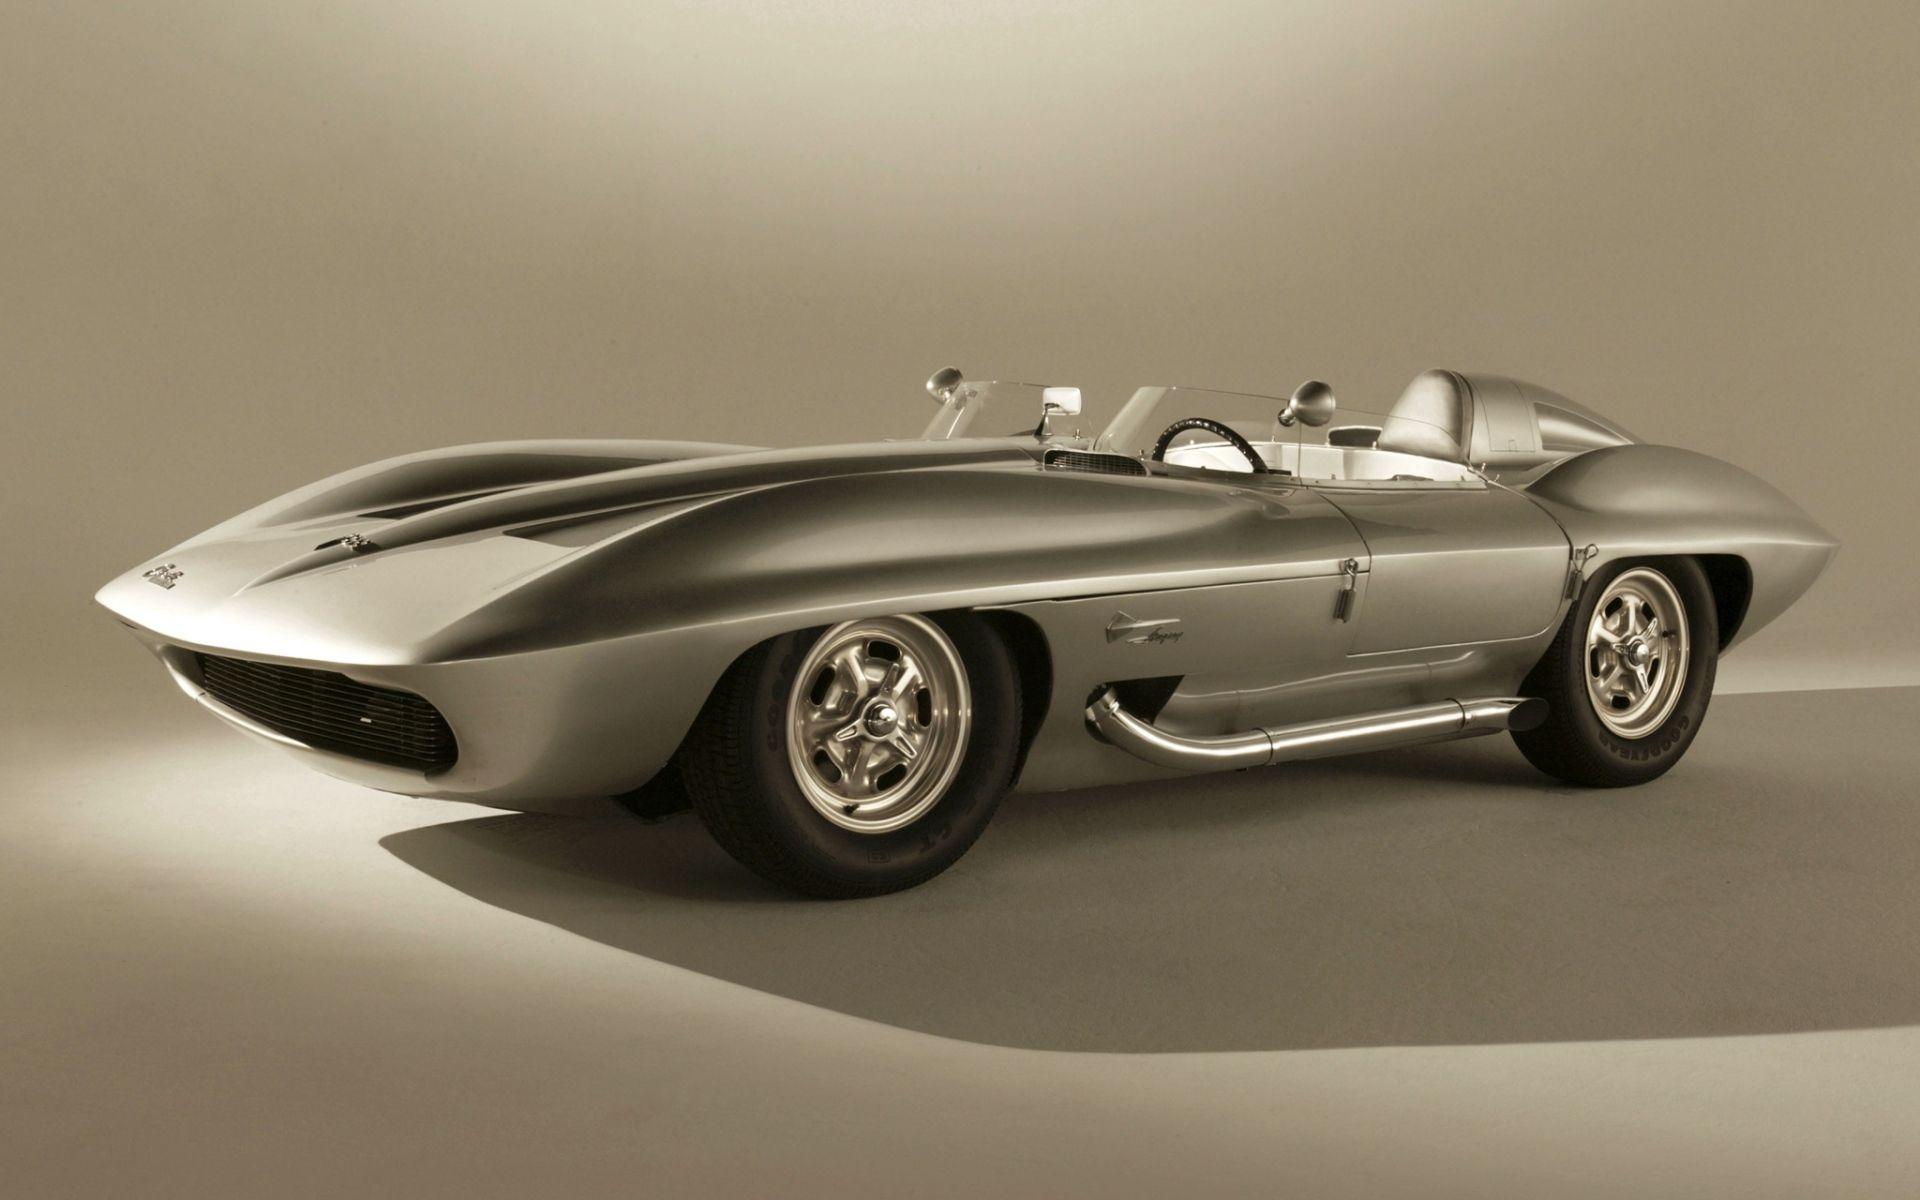 129773 скачать обои 1959, Шевроле (Chevrolet), Тачки (Cars), Corvette, Stingray, Concept Car - заставки и картинки бесплатно